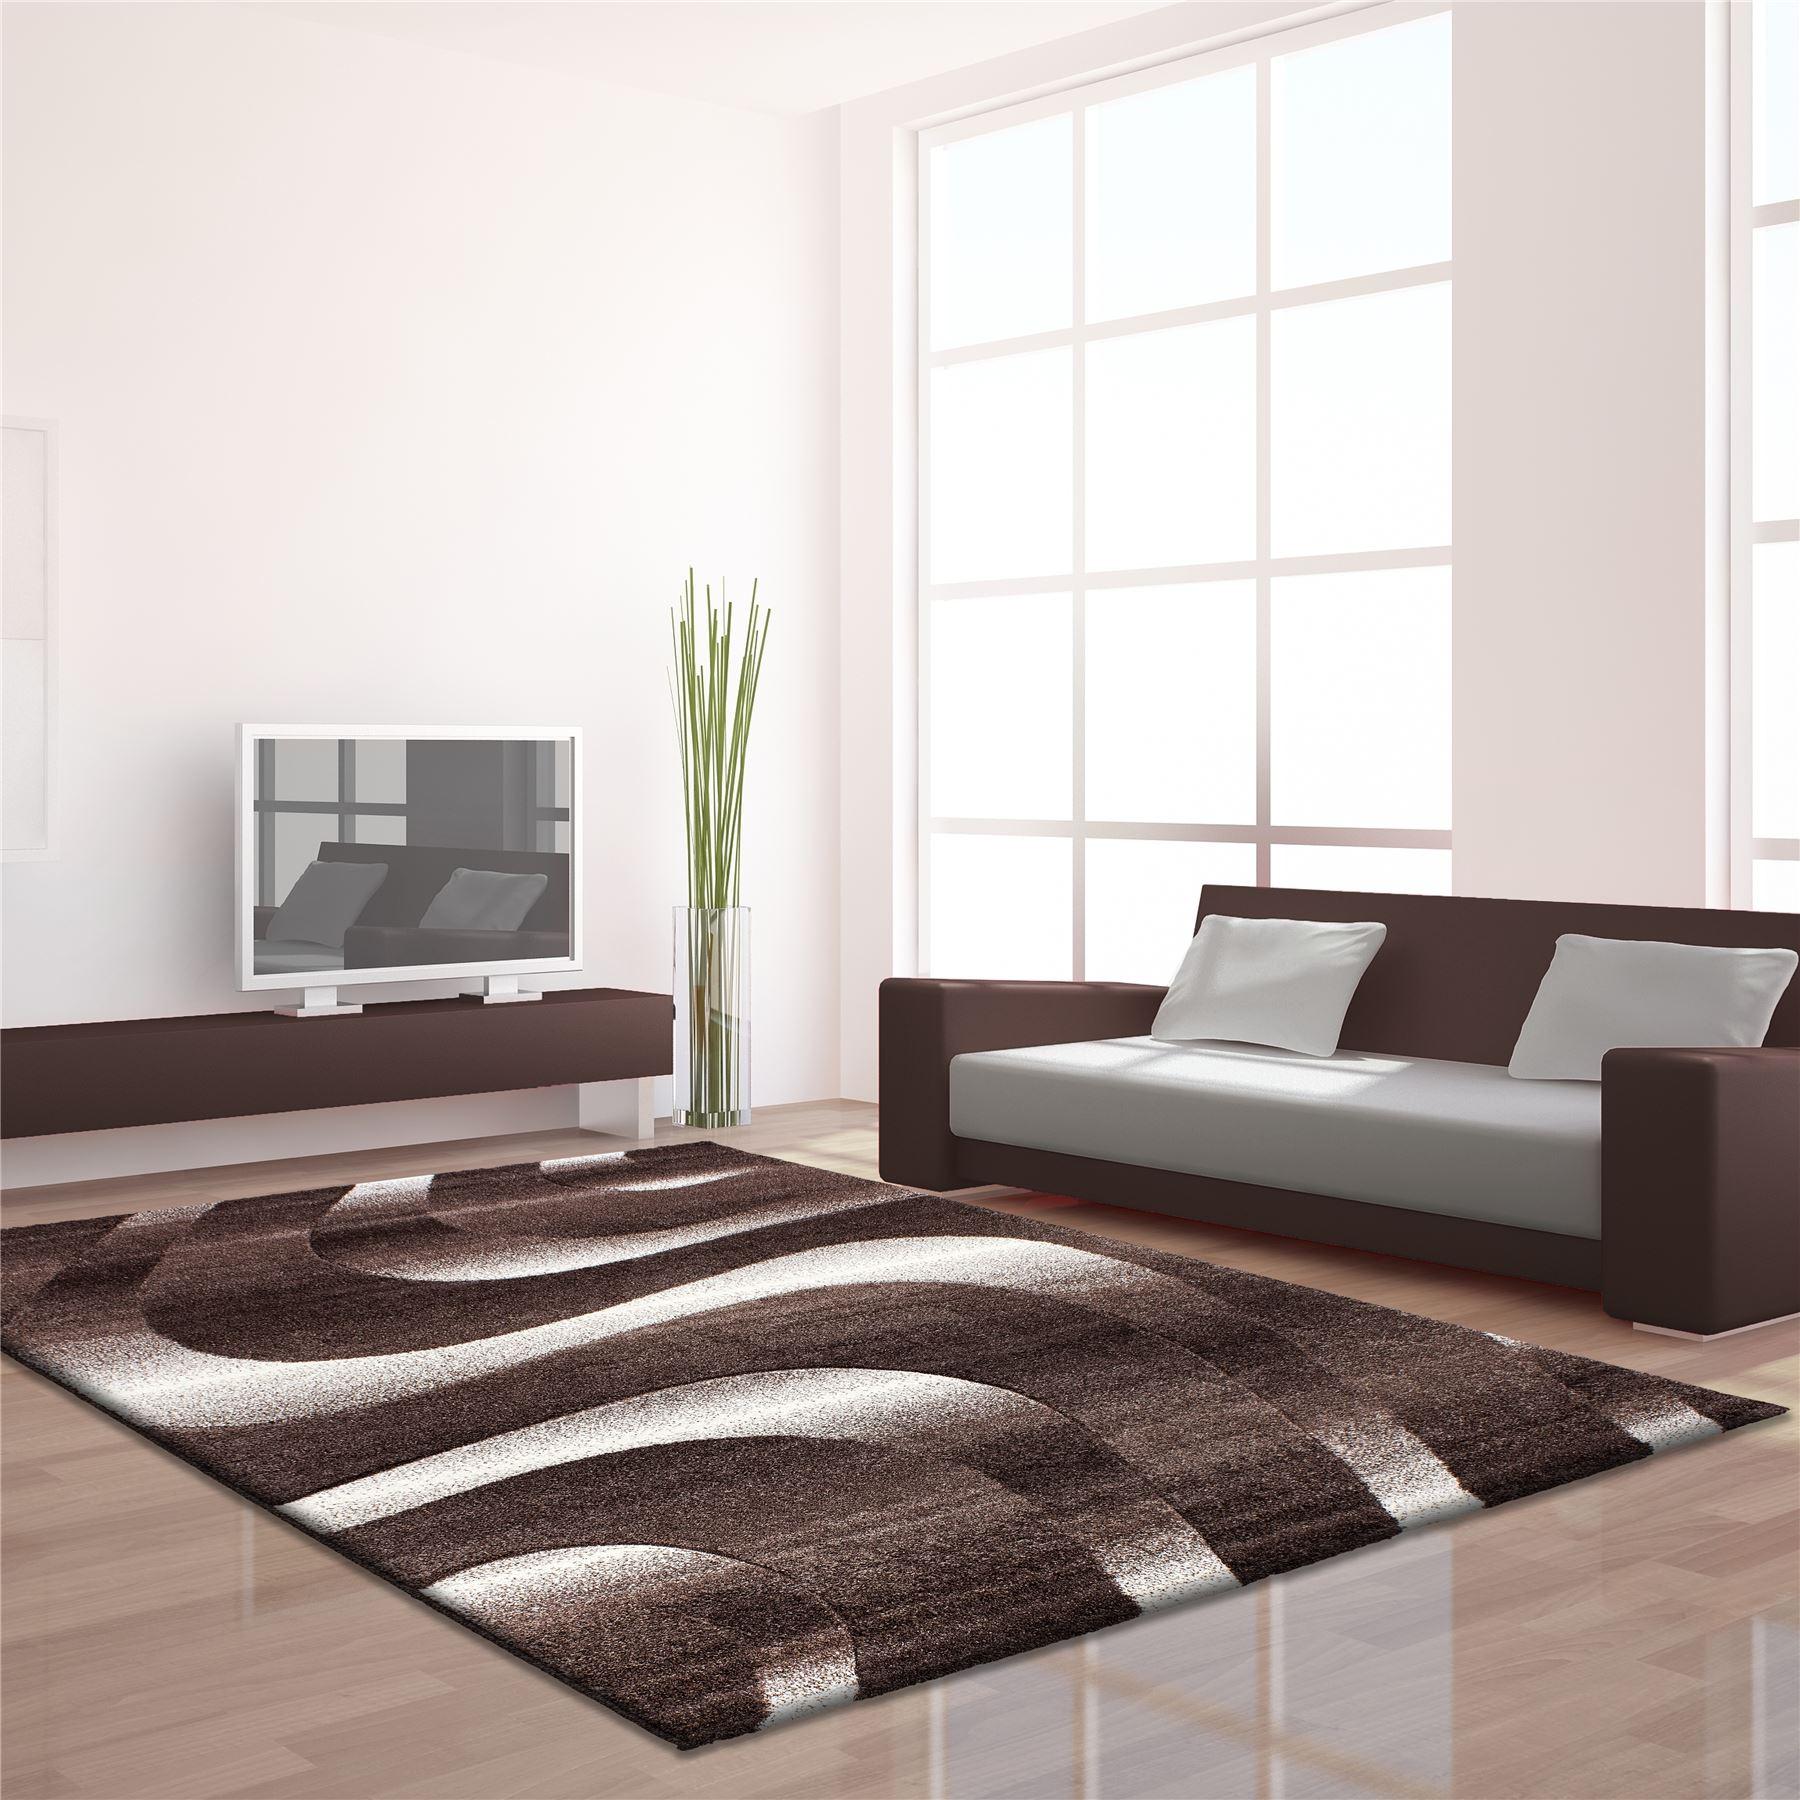 tappeti moderni basso 3d viola e grigio : Modern-Contemporanea-Nero-Grigio-Marrone-Viola-Vortici-Quadrate ...